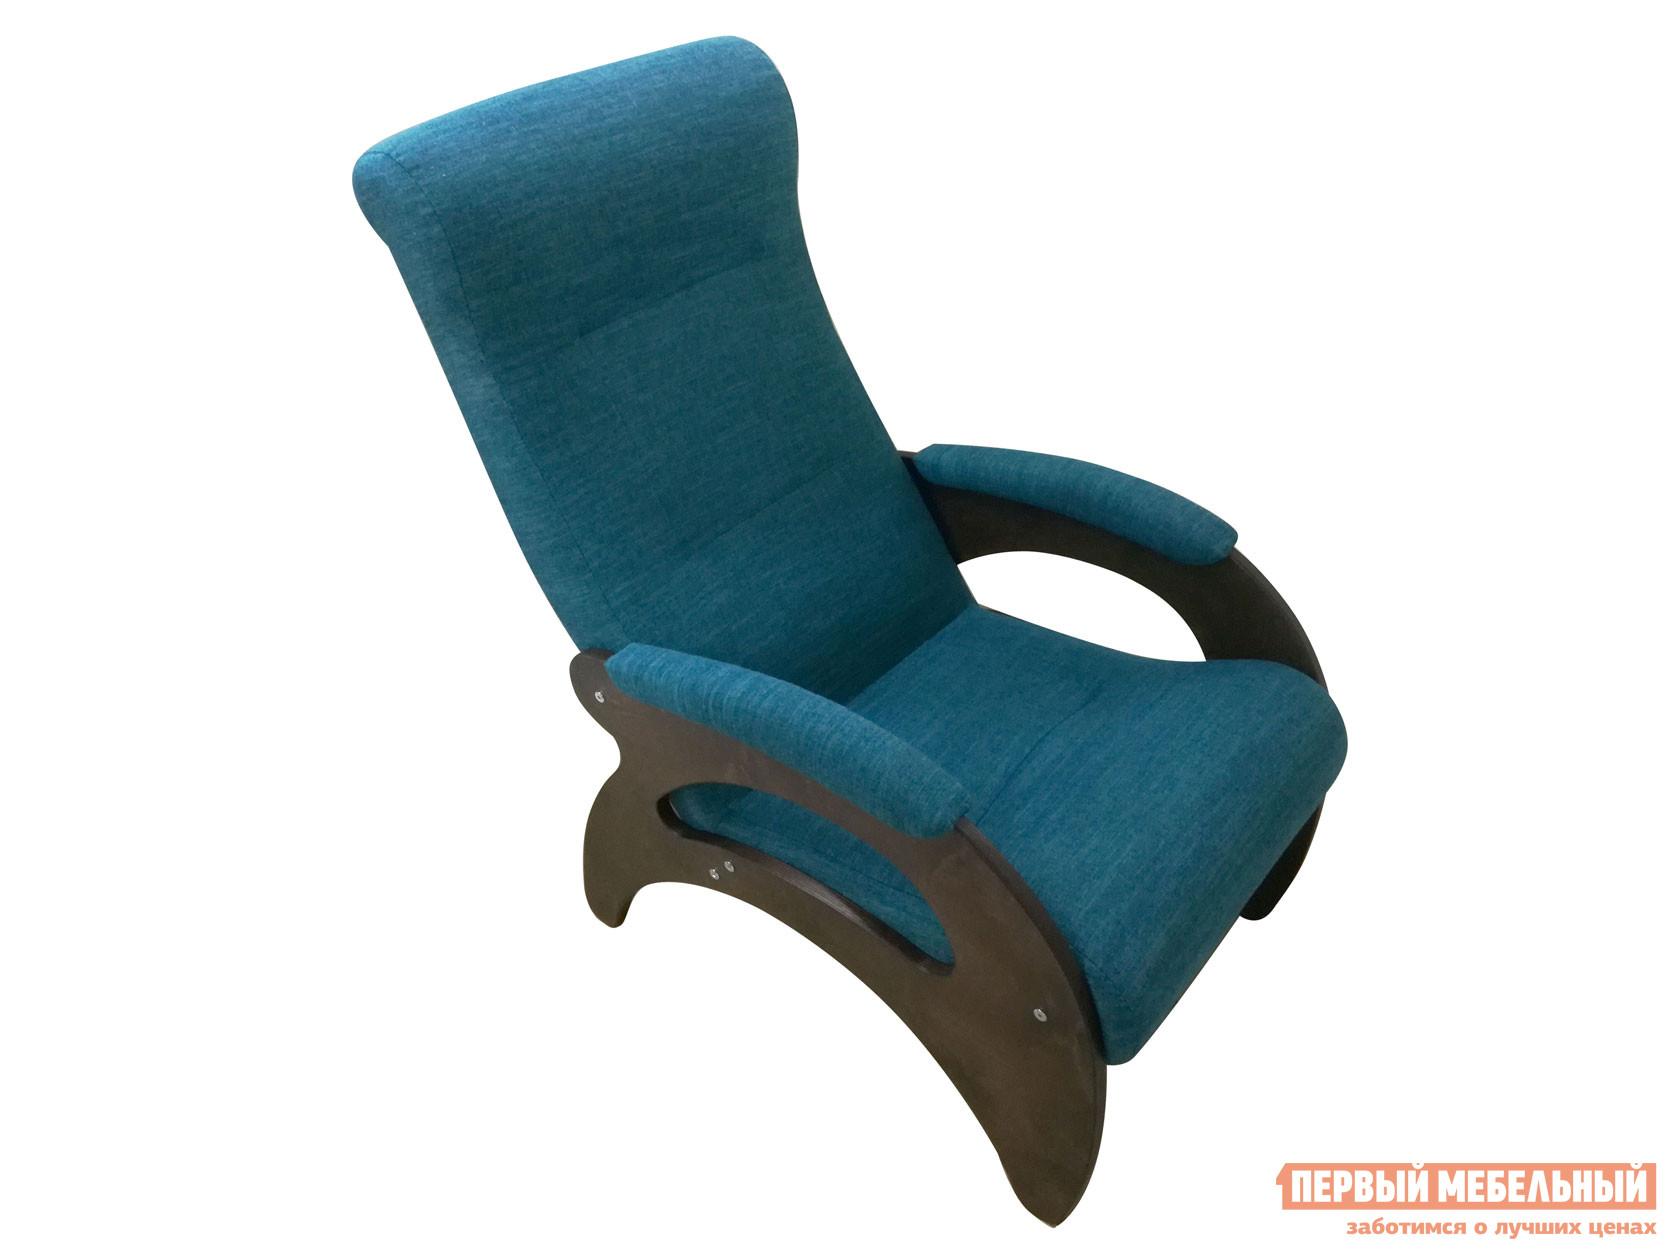 Кресло  Мария Темный орех / Бирюзовый, рогожка Мебвилл 127322